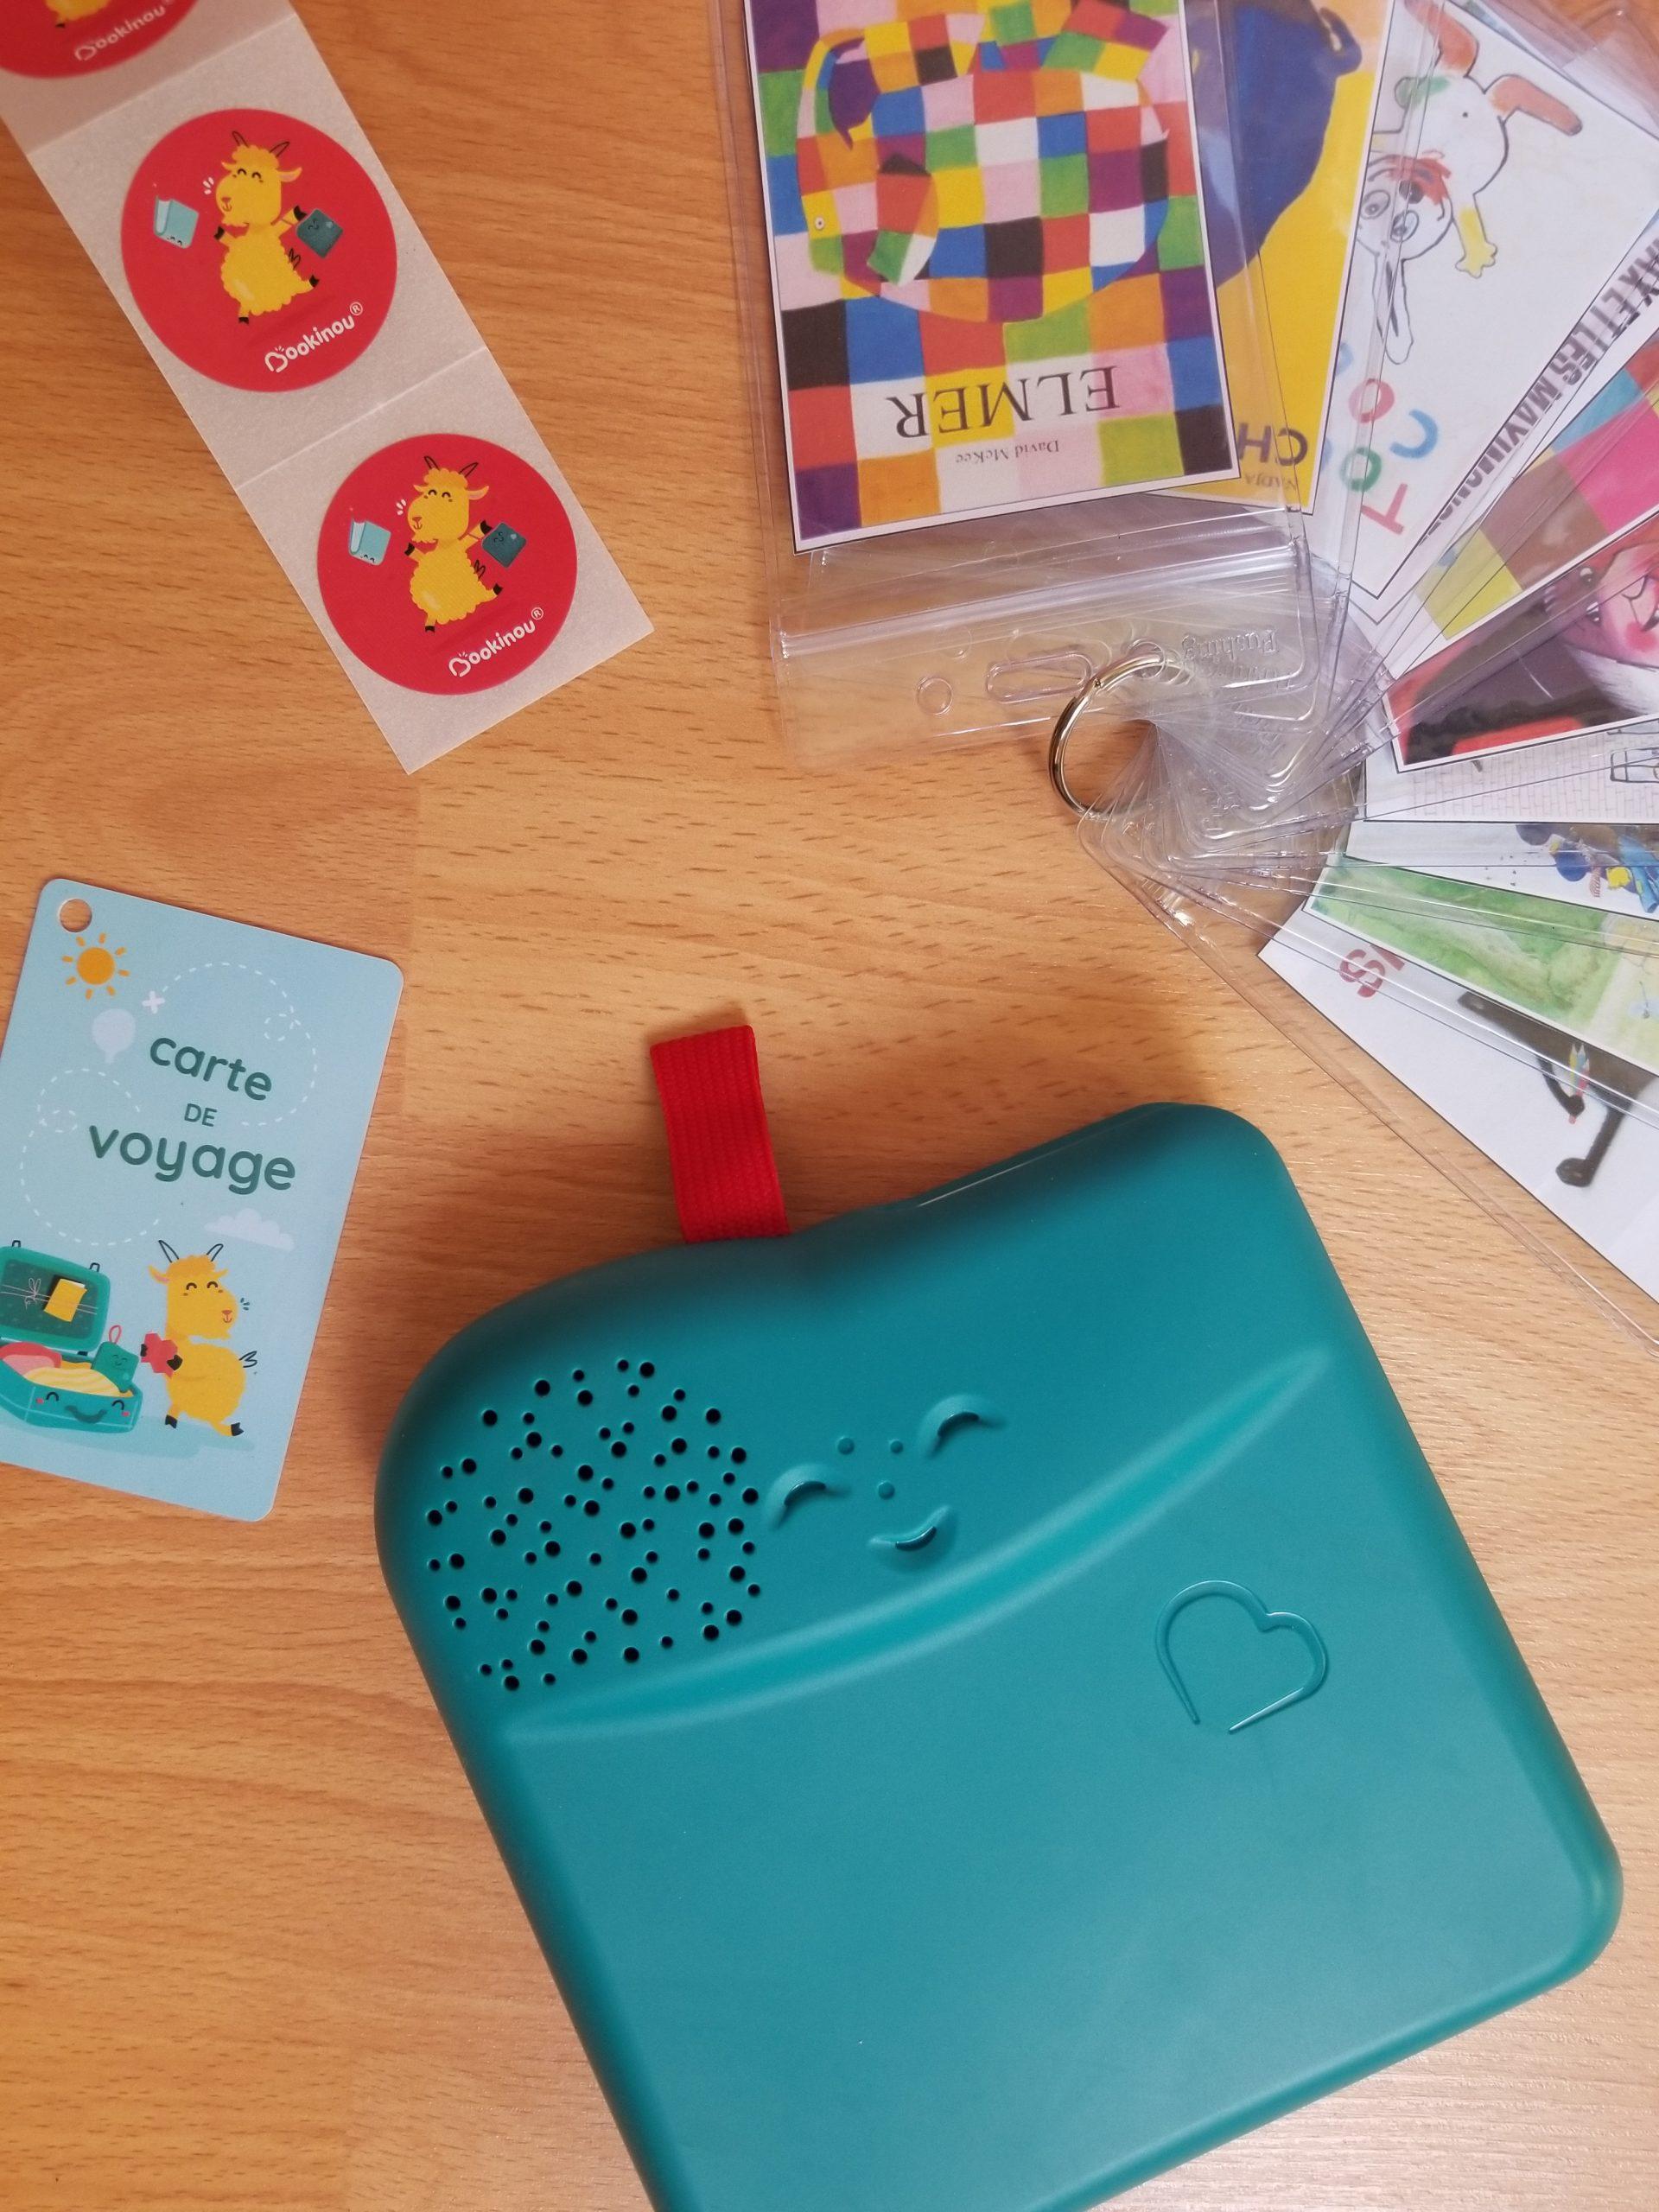 acheter bookinou idée cadeau pour un enfant de 5 ans, bookinou avis